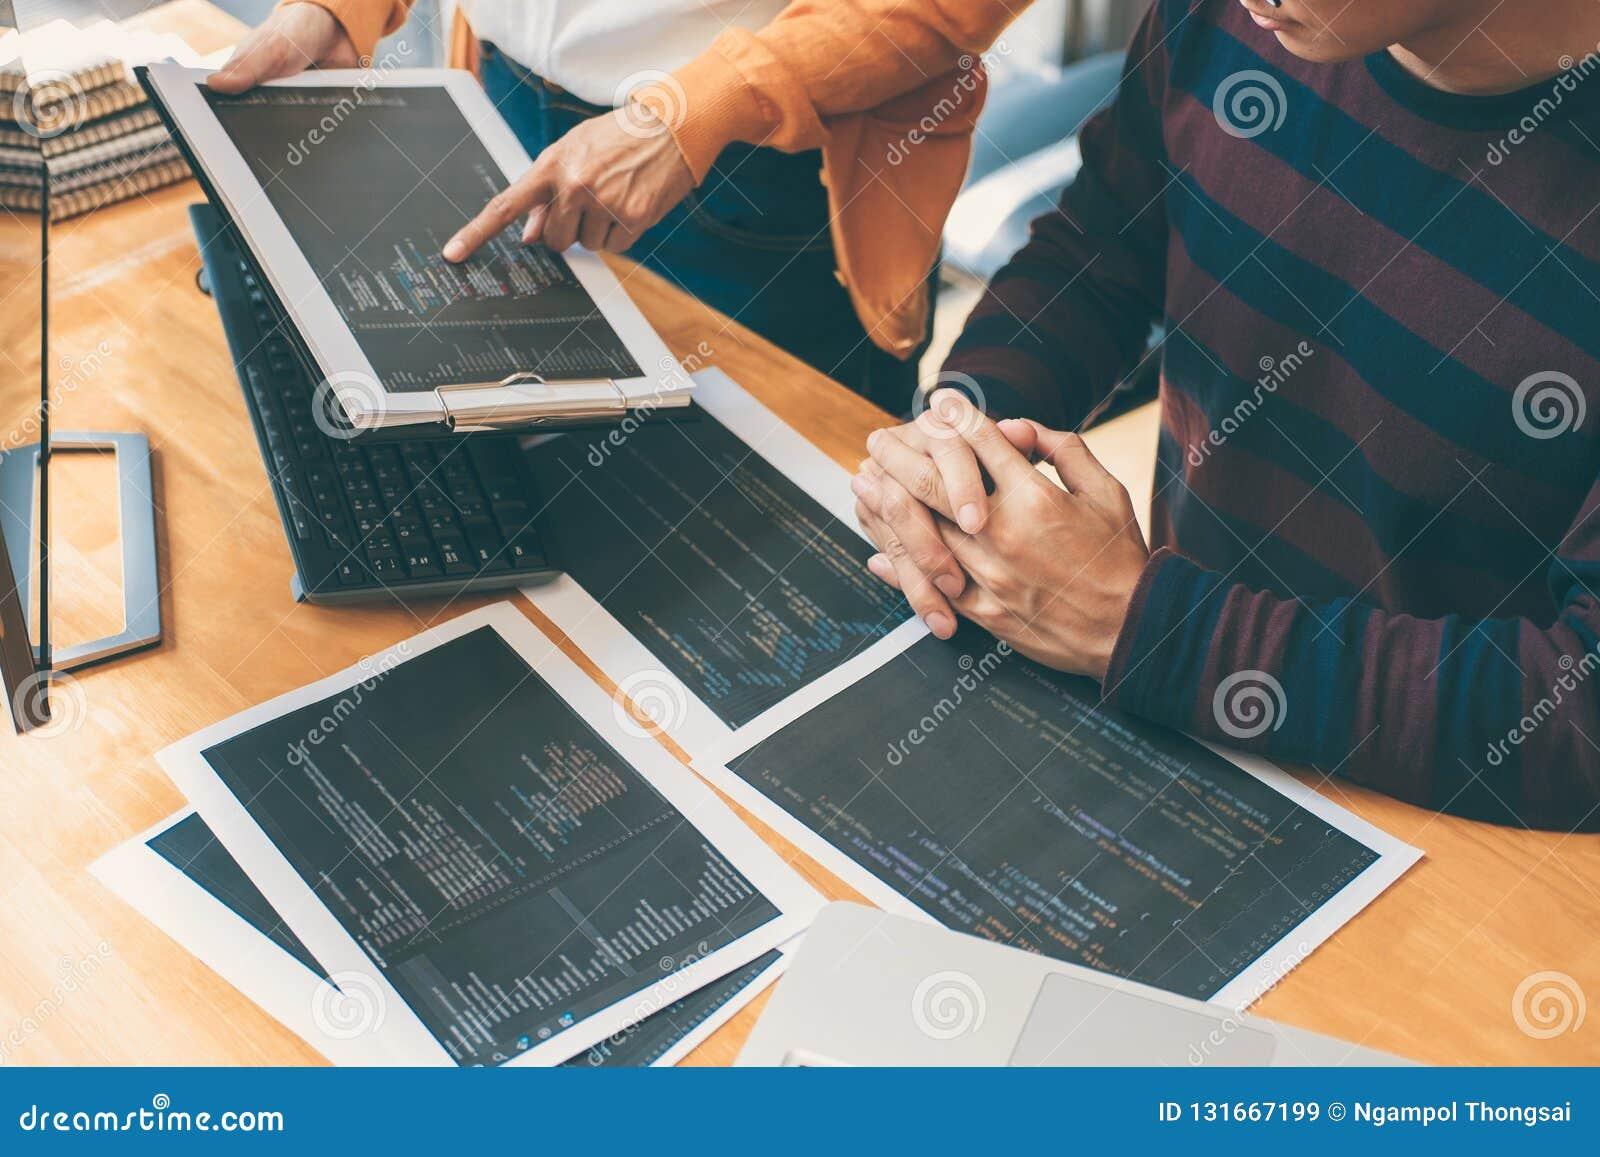 专业发展程序员合作的运作在软件和编码的会议和群策群力的和编程的网站